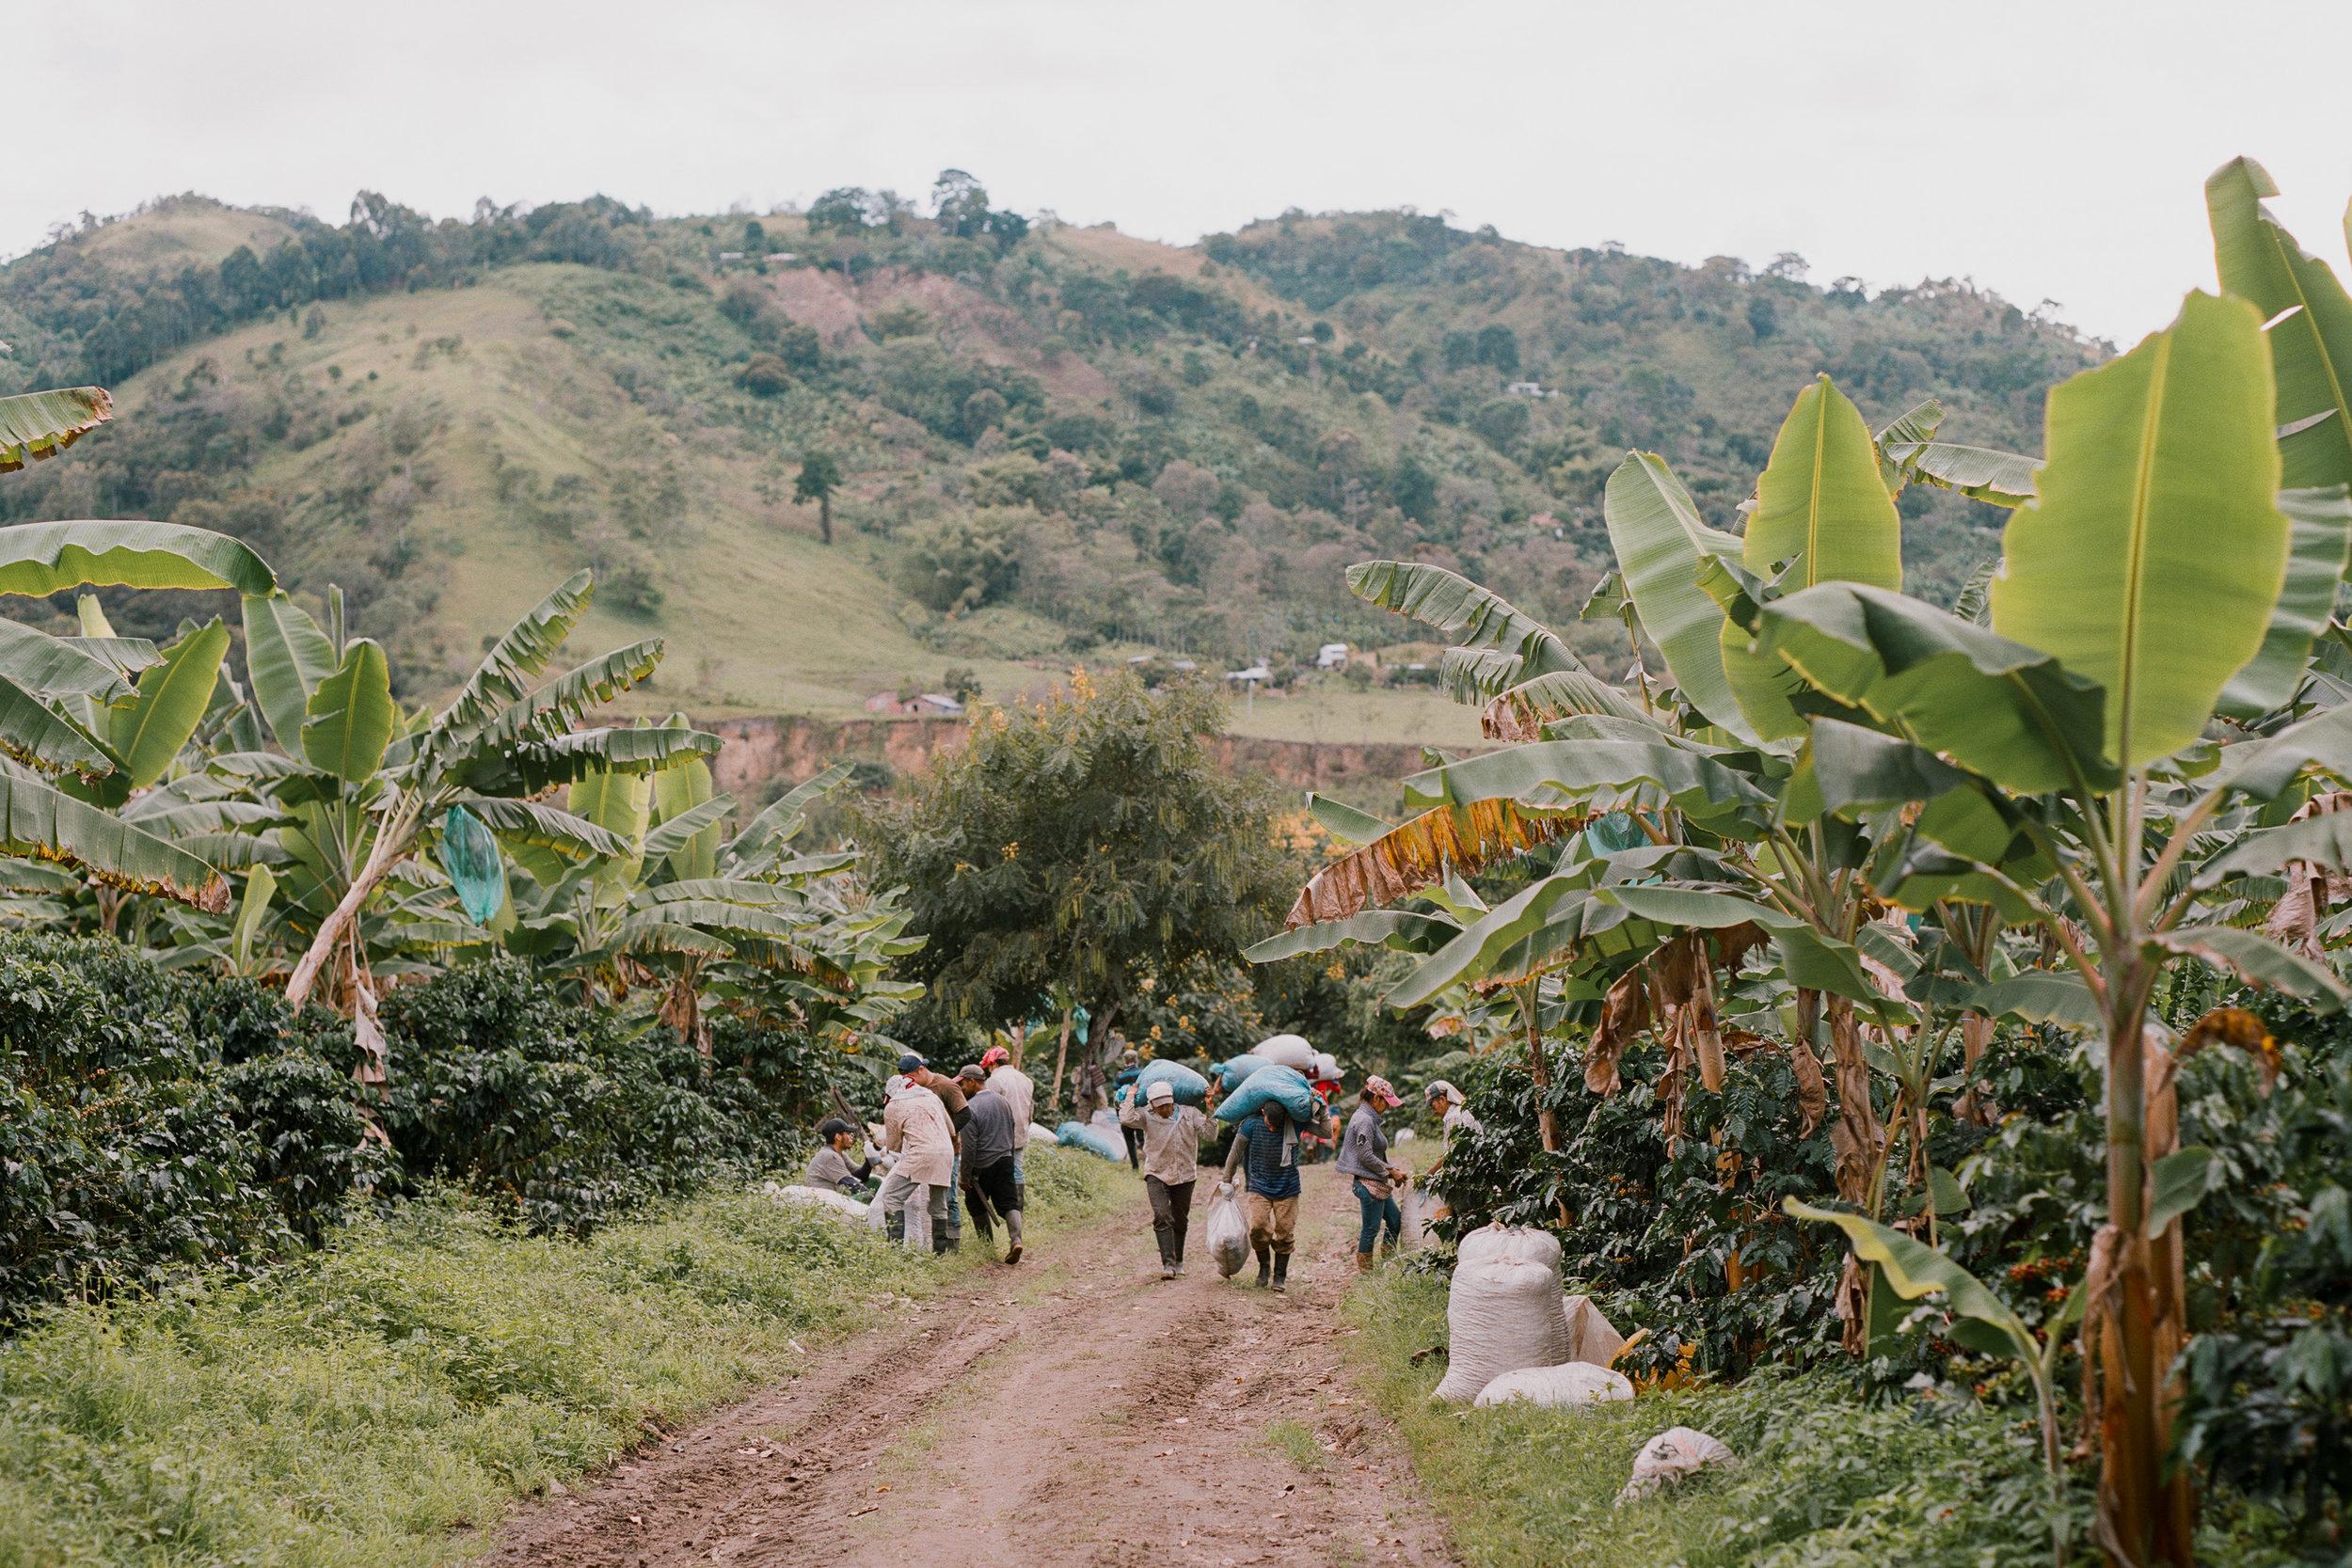 Emanuel-Hahn-Colombia-Coffee-Farmers-Huila-Manizales-Pagpropina-16.jpg